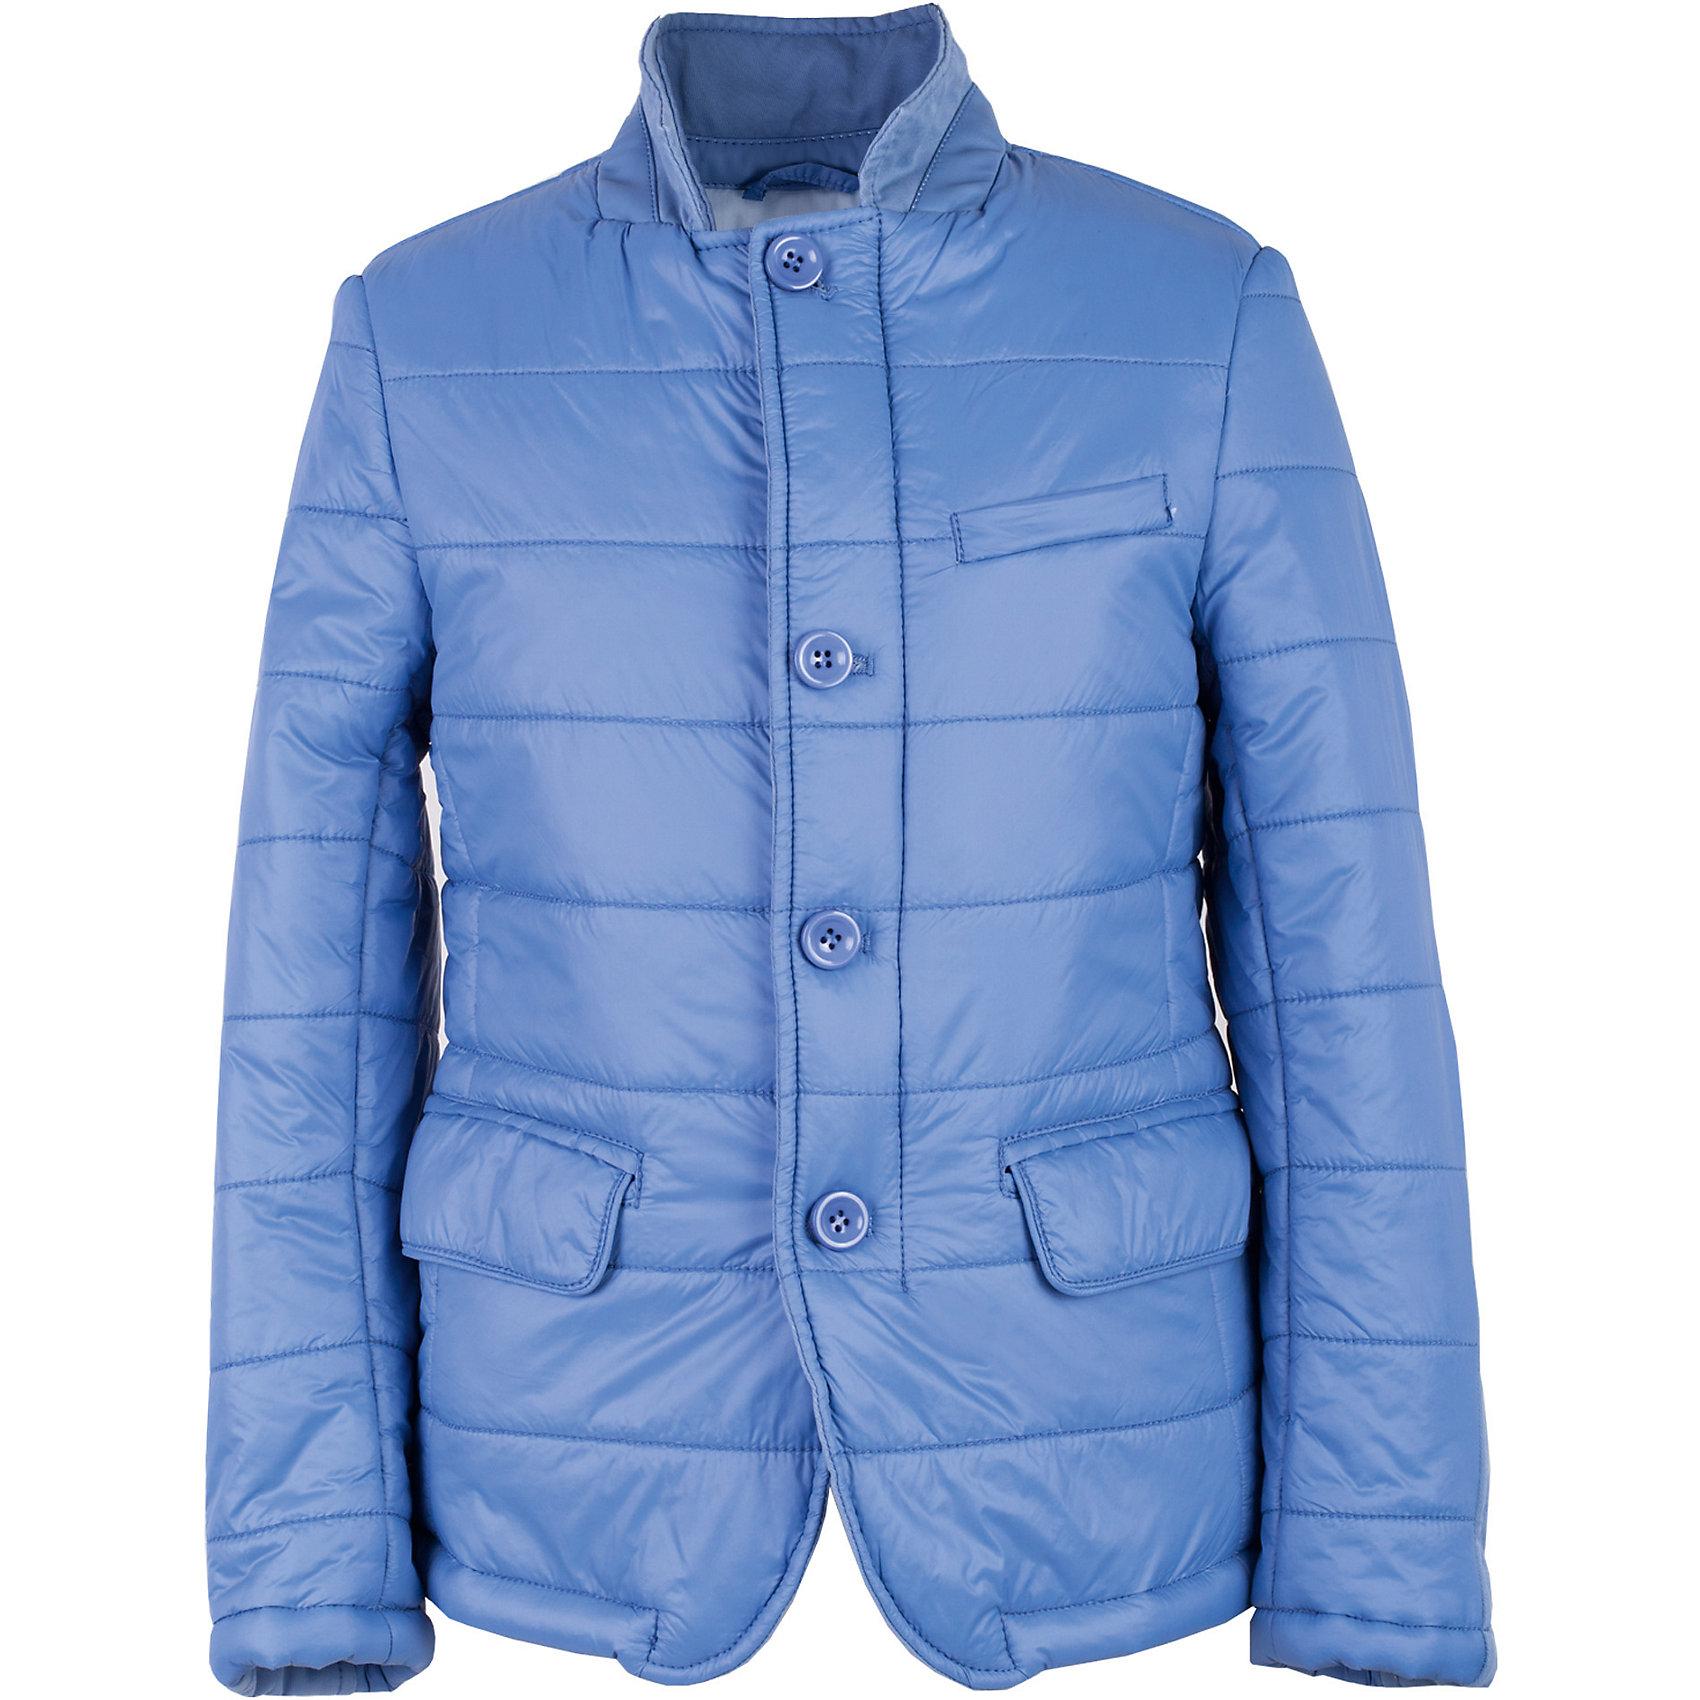 Куртка для мальчика GulliverВерхняя одежда<br>Купить куртку - такую задачу ставят перед собой мамы мальчиков, отправляясь на весенний шопинг. Хорошая утепленная куртка для мальчика - вещь совершенно необходимая! Неустойчивая мартовская погода требует одеться не менее основательно, чем зимой, но весеннее настроение требует быть обновленным, стильным, современным! Модная стеганая куртка - именно то, что вам нужно! Она выглядит интересно, солидно, достойно, придавая весеннему образу ребенка особую элегантность. При этом, куртка удобна, не стесняет движений и позволяет мальчику быть самим собой, т.к. очень практична и комфортна. Изюминка модели в текстильной отделке, создающей игру фактур.<br>Состав:<br>верх:    100% нейлон; подкладка:  50% хлопок  50% полиэстер; утеплитель: 100% полиэстер<br><br>Ширина мм: 356<br>Глубина мм: 10<br>Высота мм: 245<br>Вес г: 519<br>Цвет: голубой<br>Возраст от месяцев: 72<br>Возраст до месяцев: 84<br>Пол: Мужской<br>Возраст: Детский<br>Размер: 122,128,134,140<br>SKU: 5482952